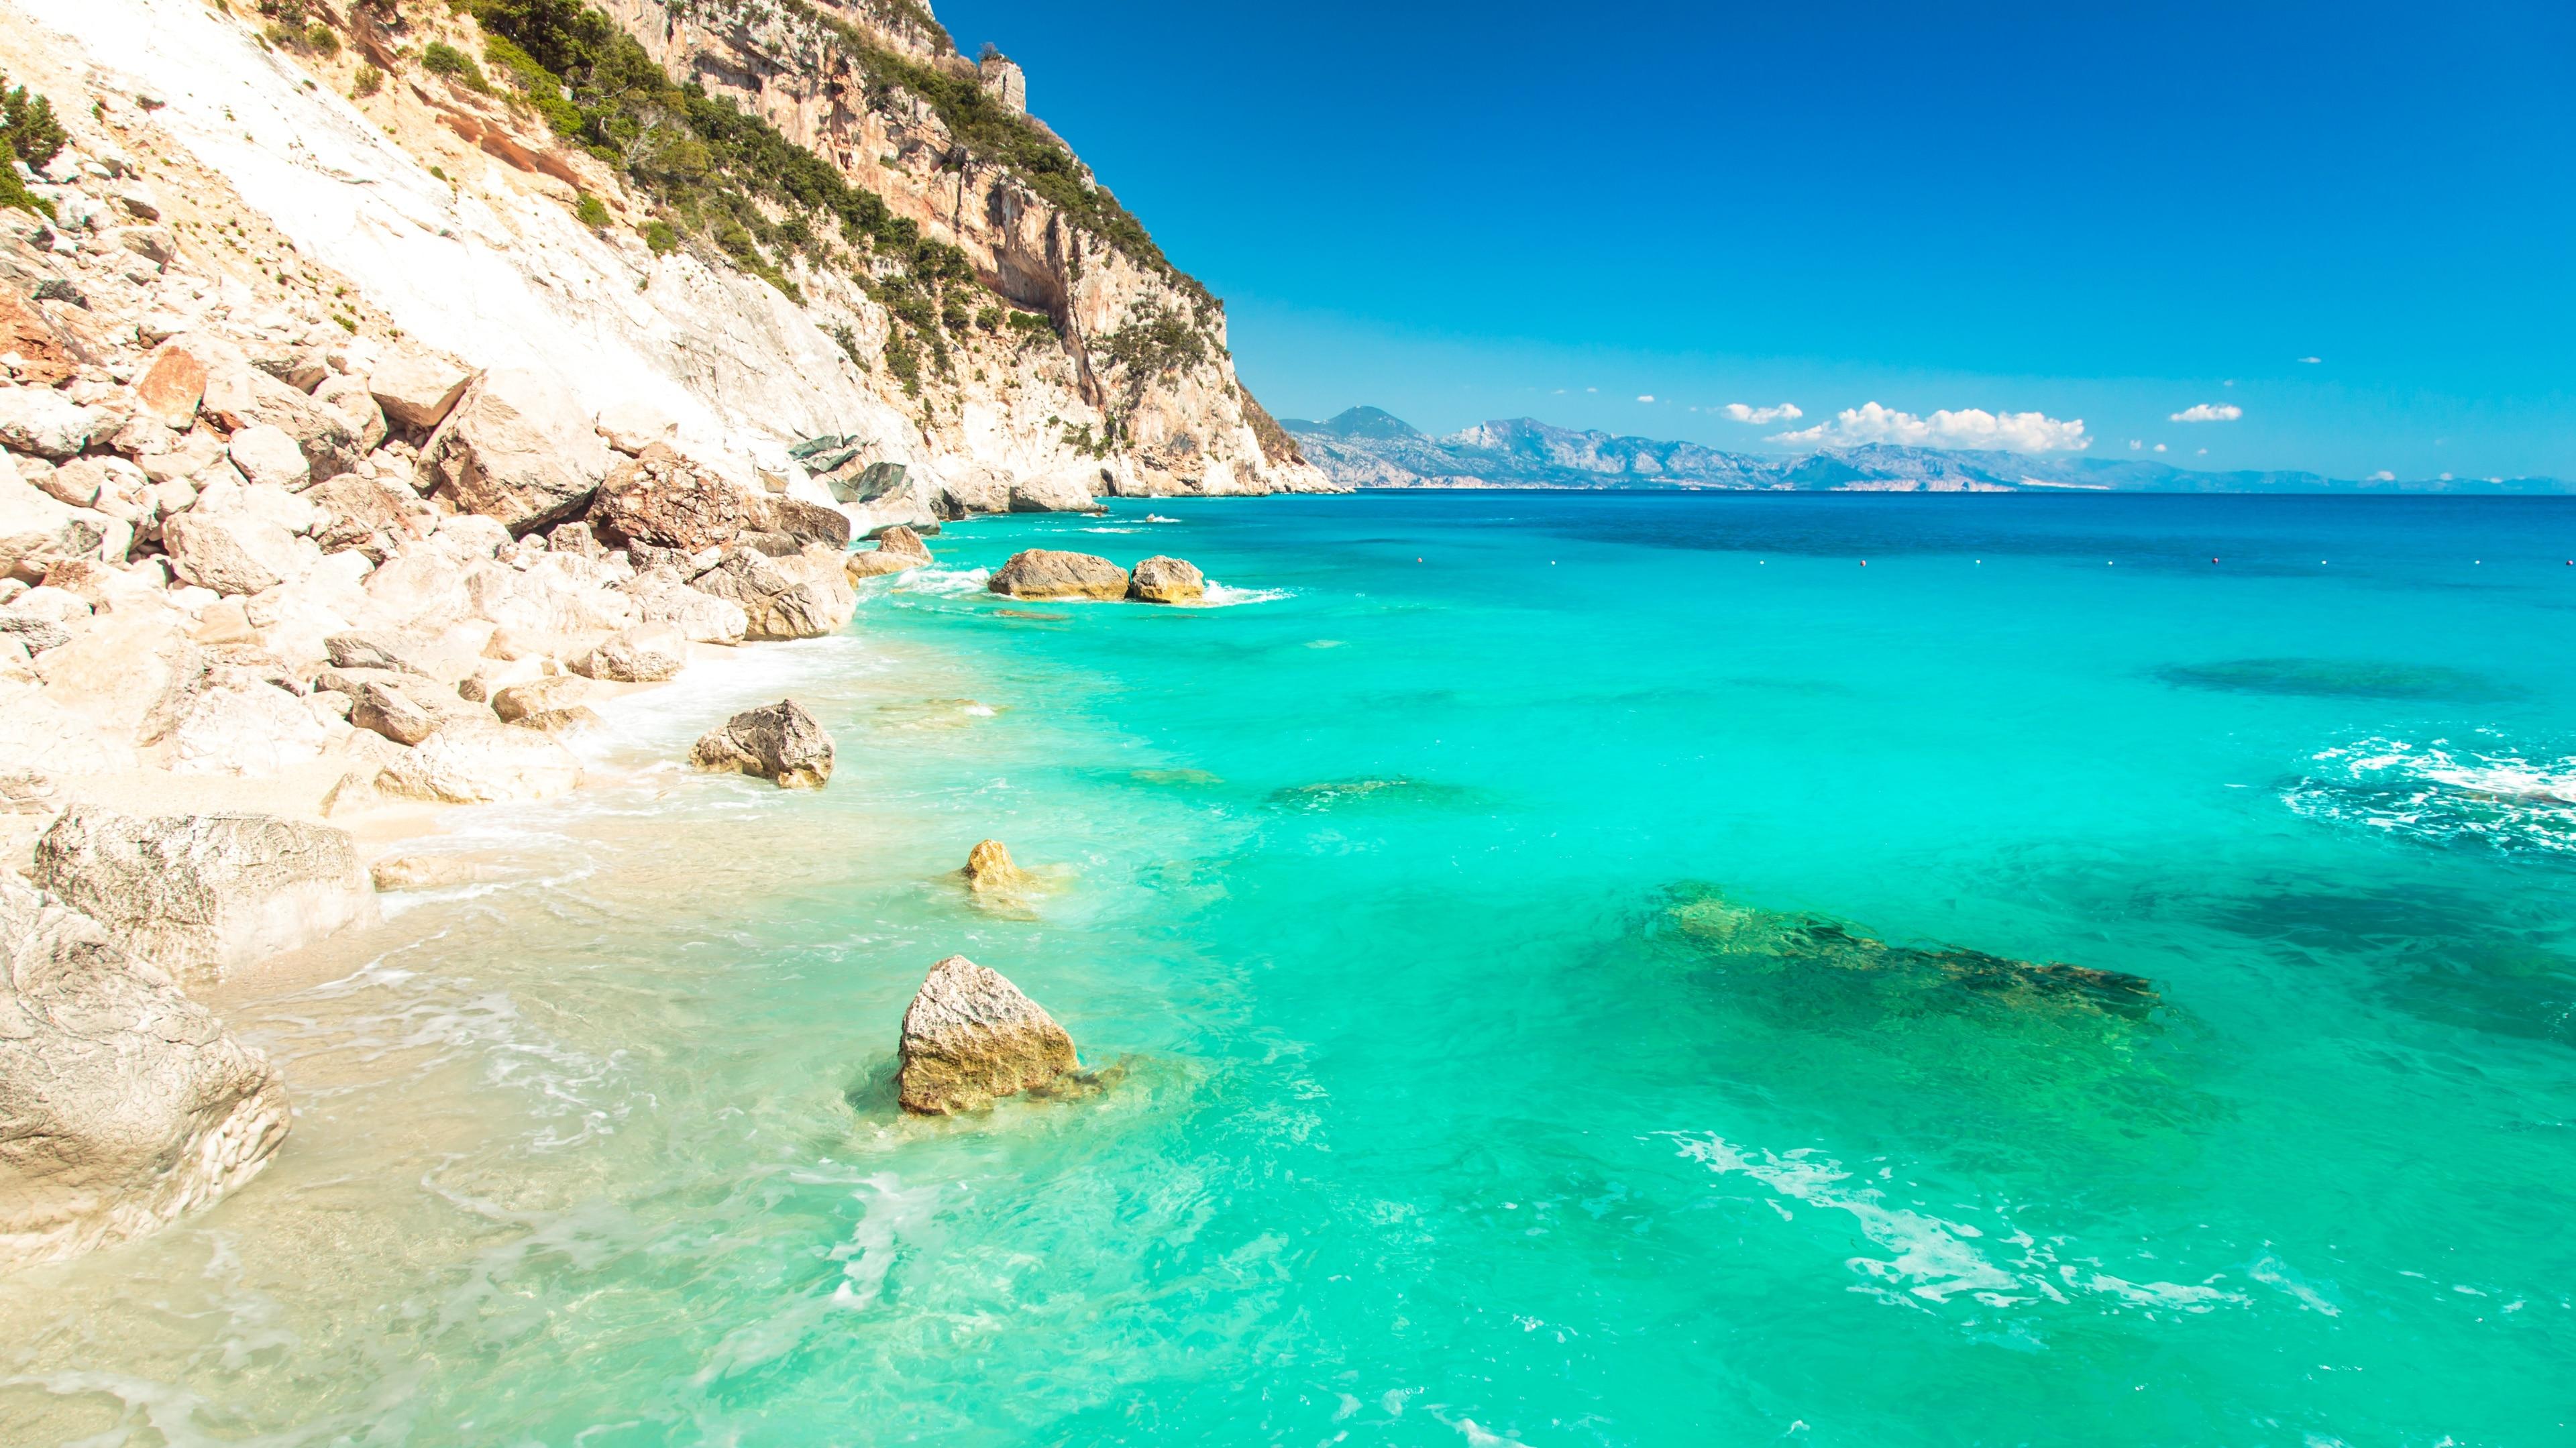 Gulf of Orosei, Sardinia, Italy